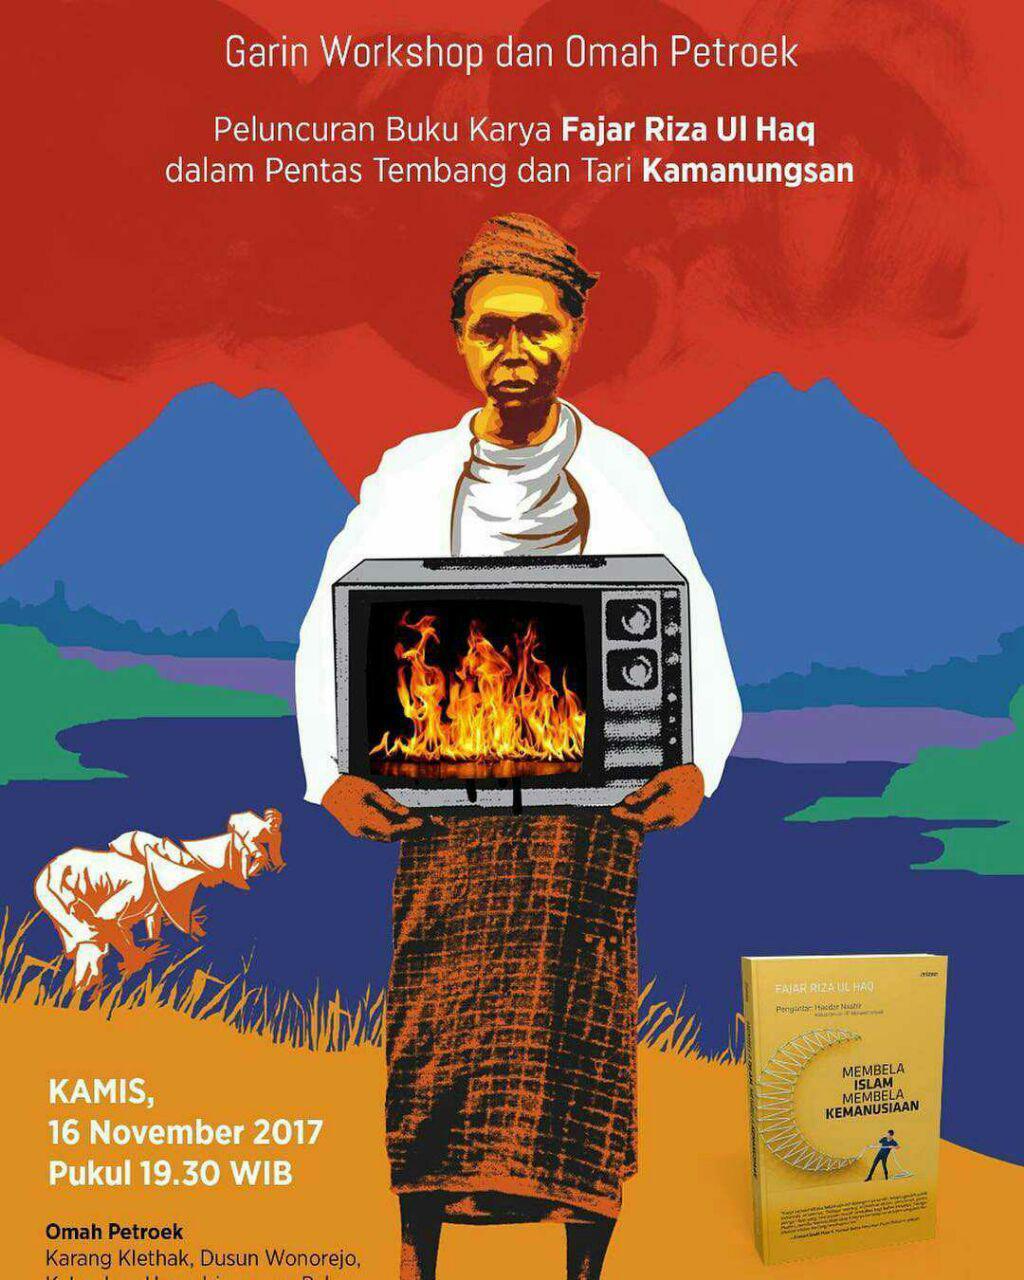 Garin Workshop Omah Petruk Yogya Gudegnet Peluncuran Buku Karya Fajar